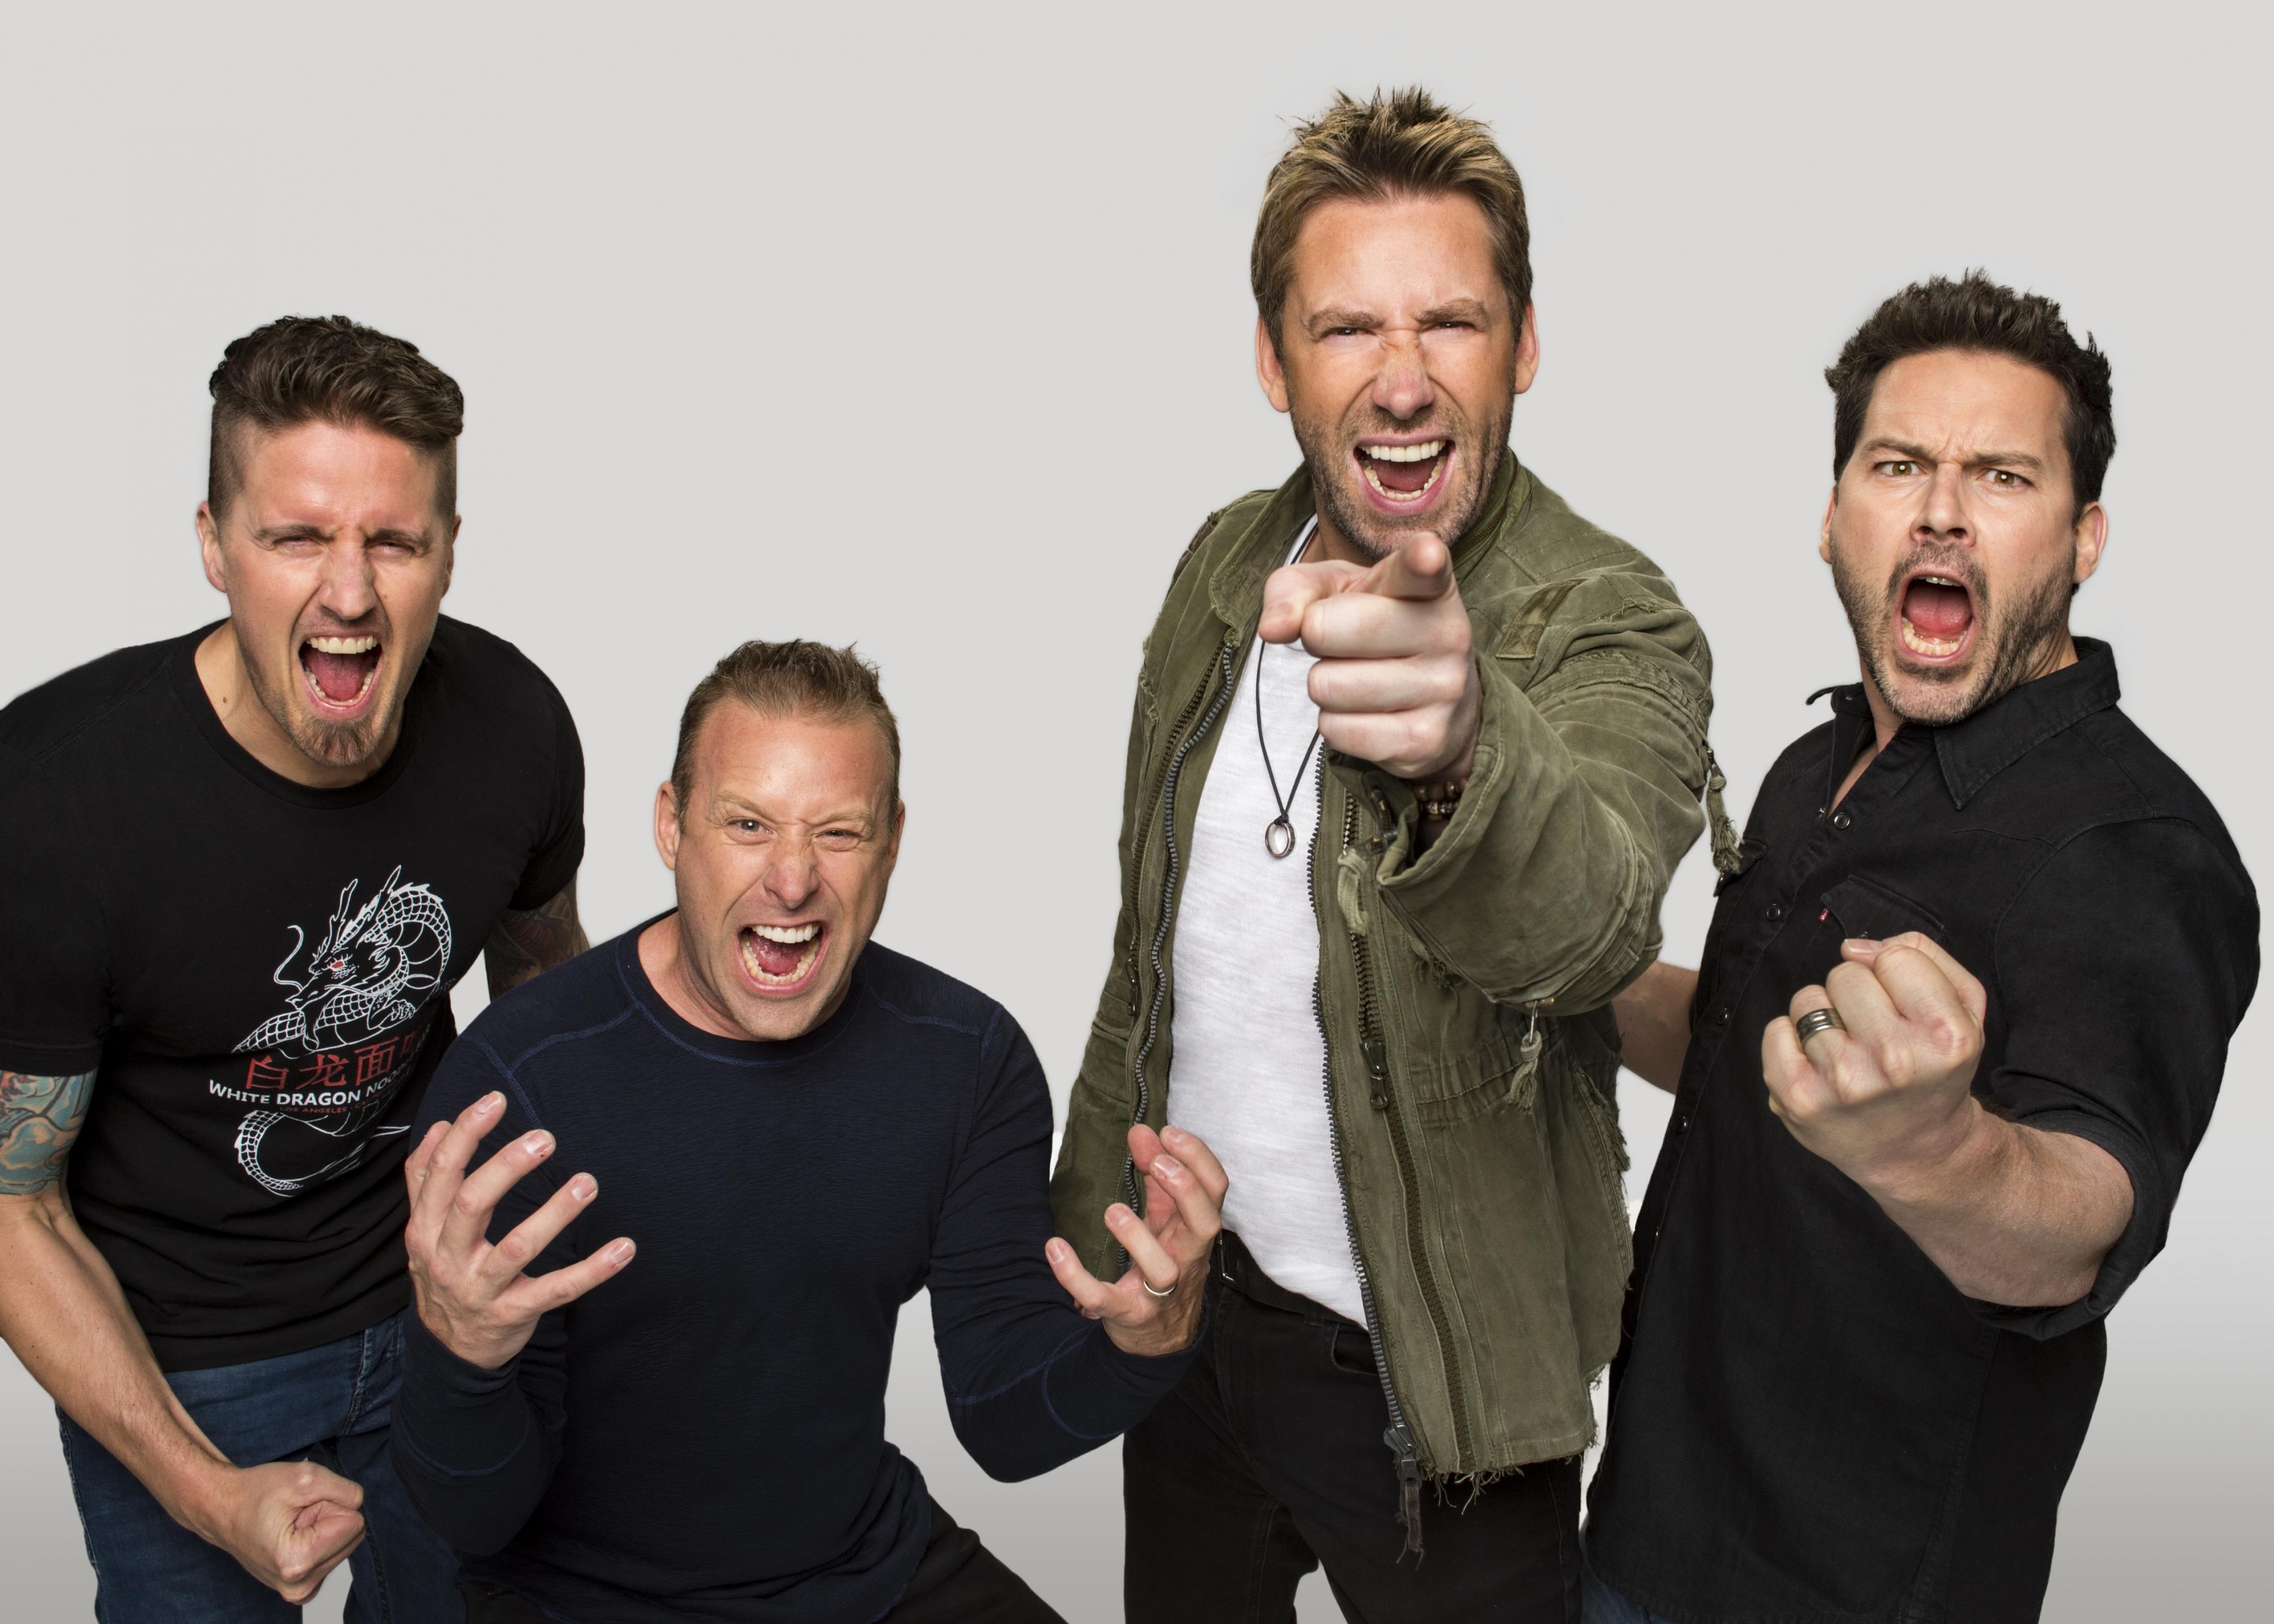 Nickelback, a banda de rock mais amada e mais odiada do mundo, diz ter 'cada vez menos haters' - Notícias - Plantão Diário